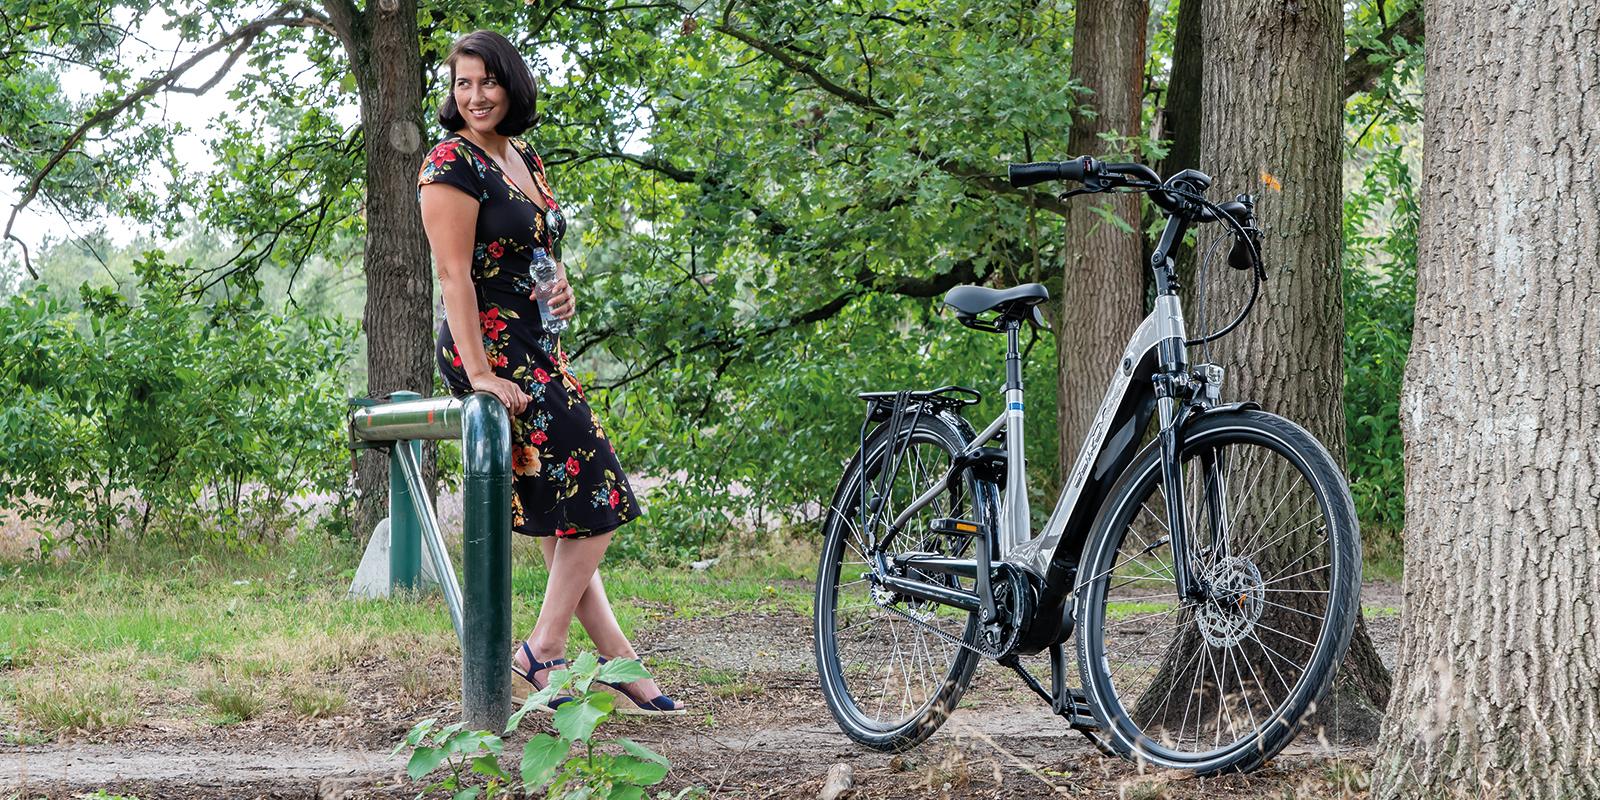 Mevrouw met E-bike in het bos.